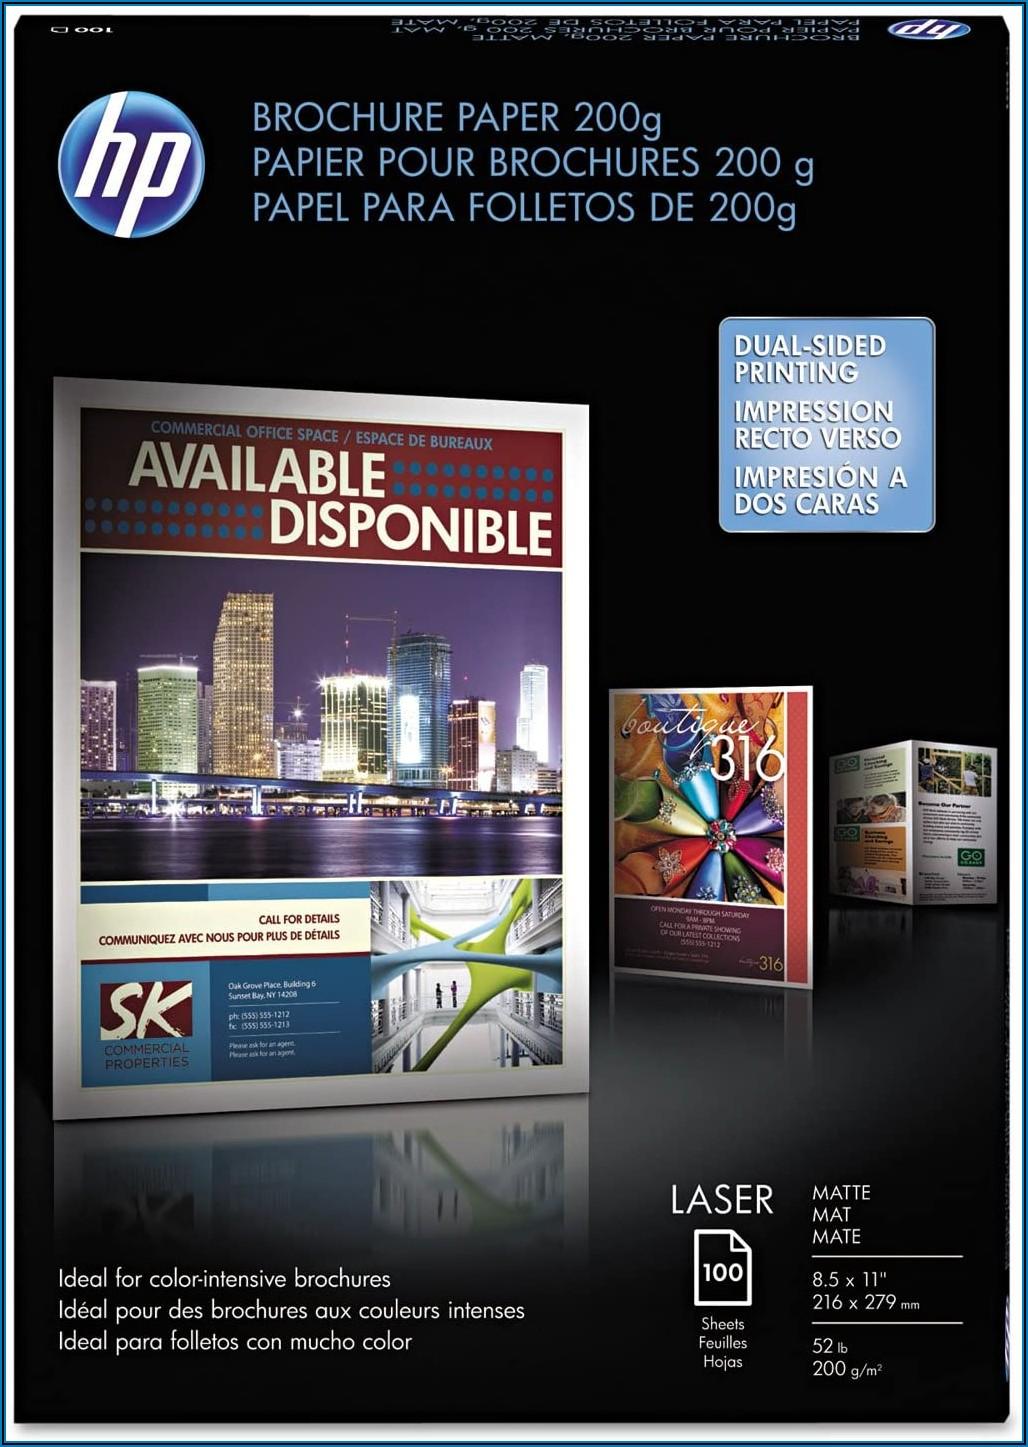 Hp Brochure Paper 200g Matte